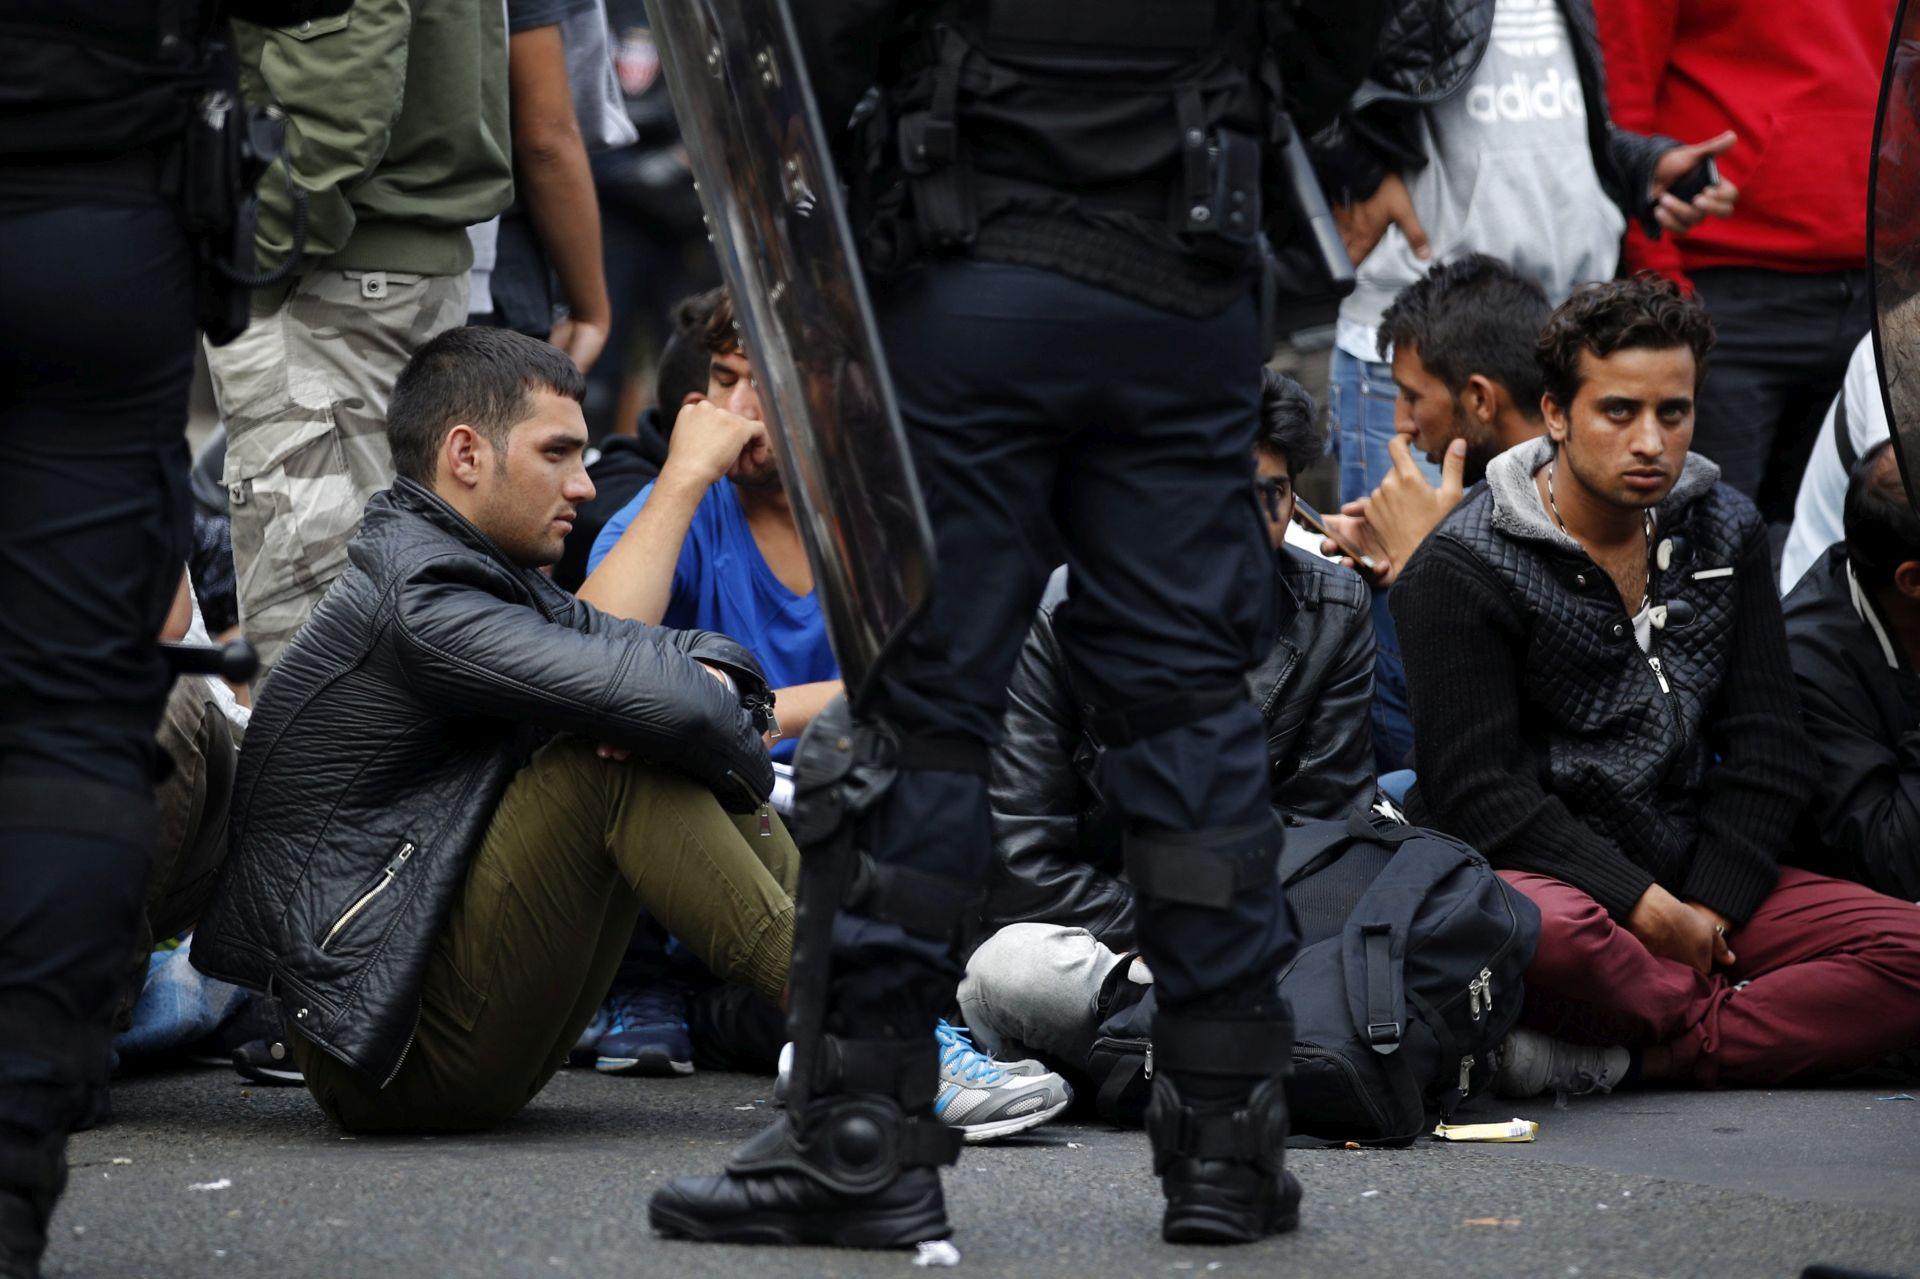 """NAKON """"DŽUNGLE"""": U Parizu otvoren centar za izbjeglice"""